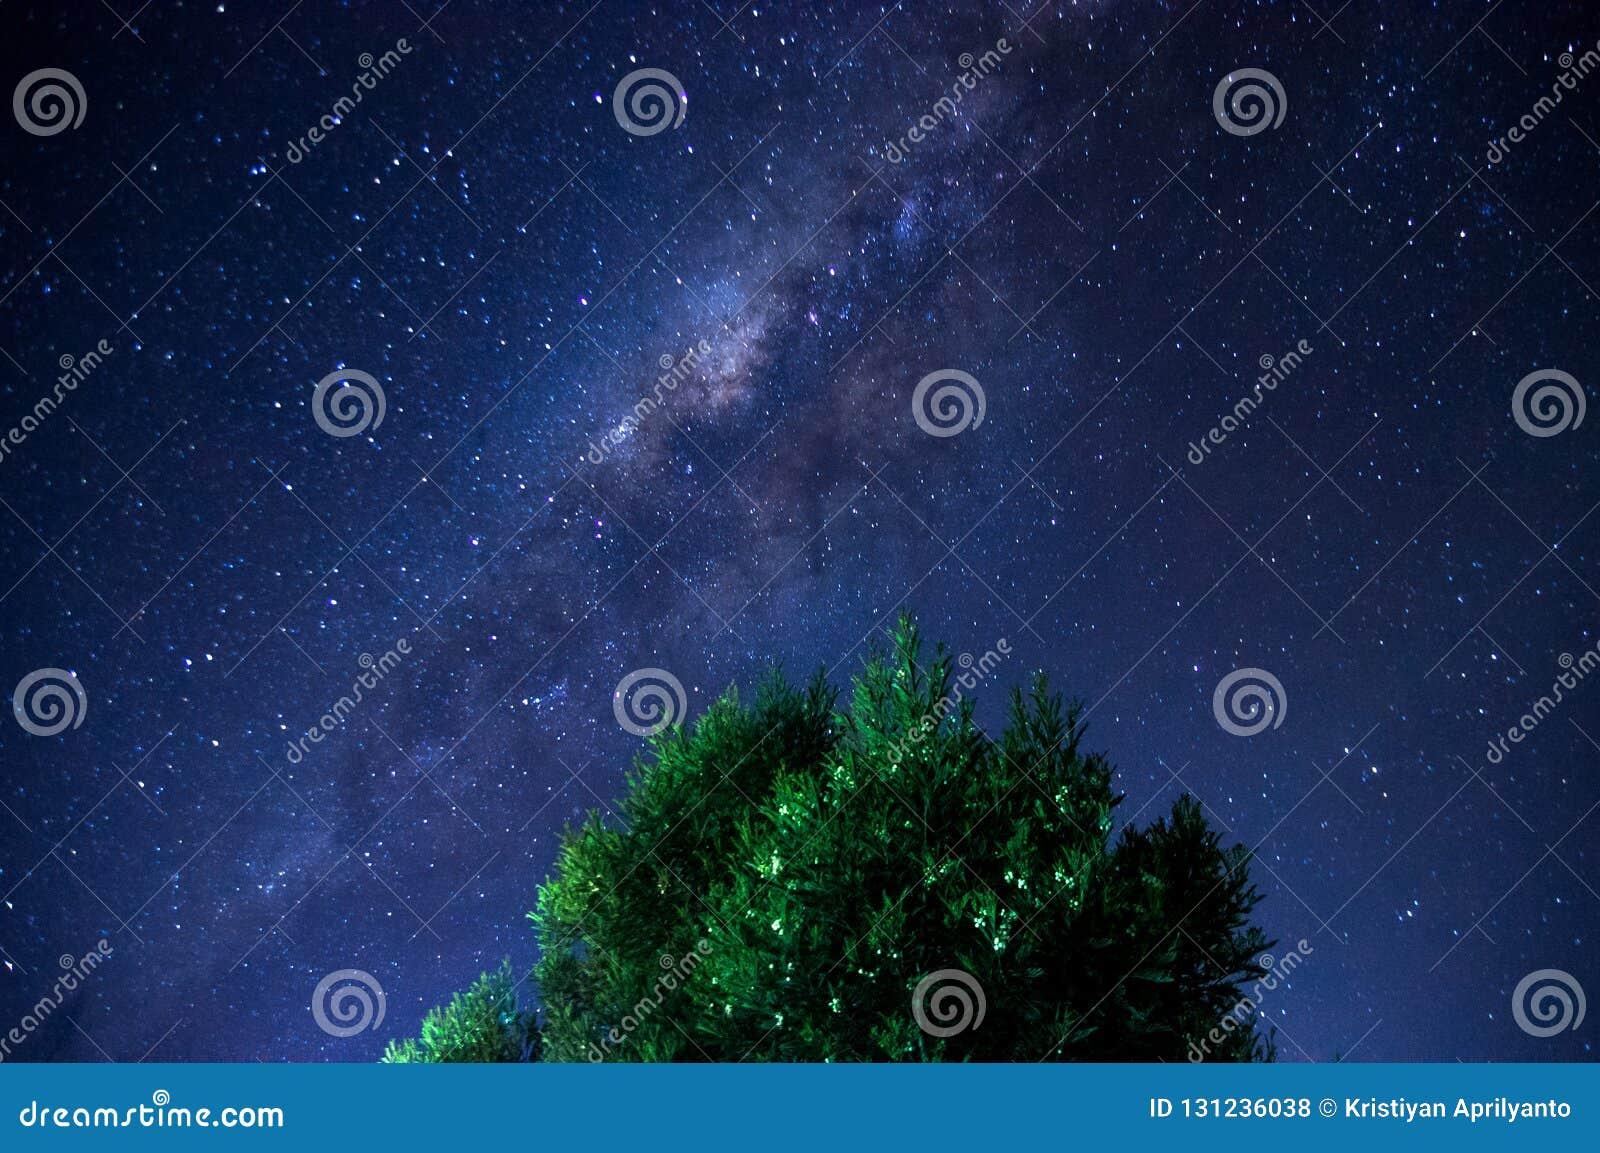 Blad för träd för himmel för blåa stjärnor för mjölkaktig väg